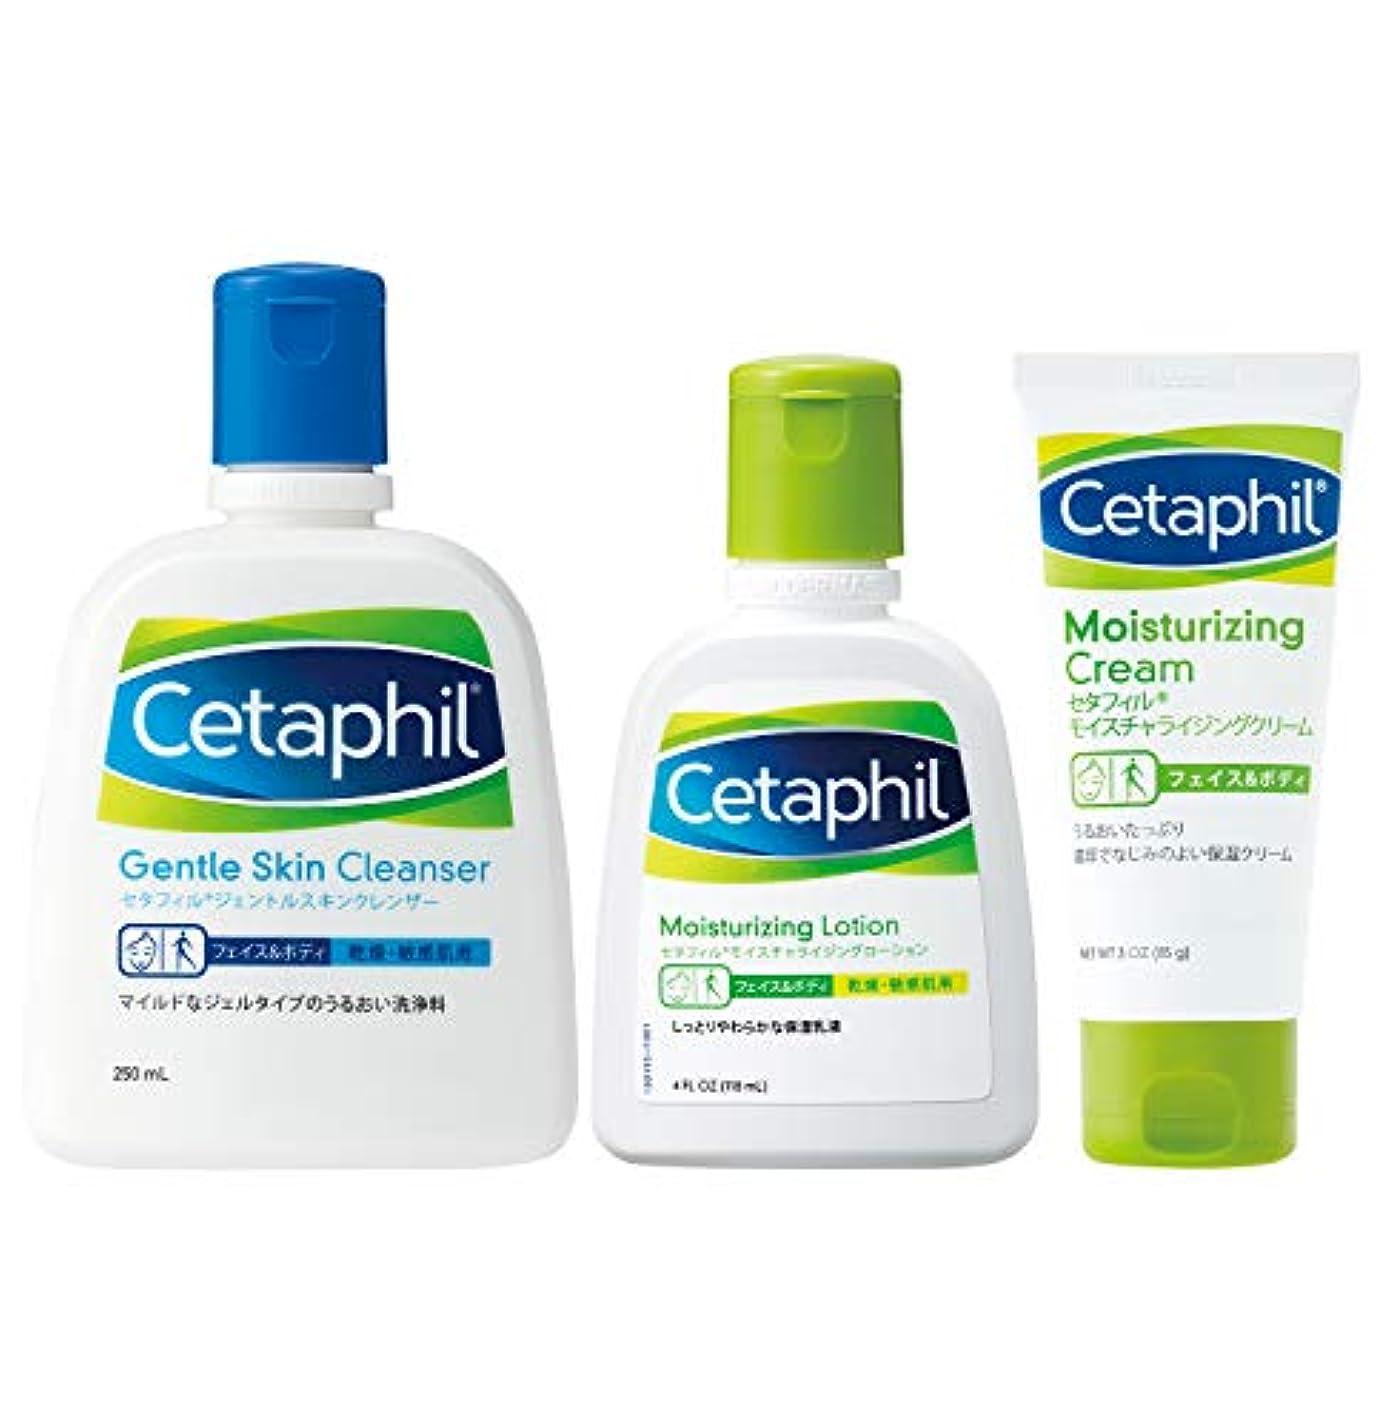 経験的ストラップ適格セタフィル Cetaphil ® トライアル 3点セット (フェイス & ボディ クレンザー 250ml ローション 118ml クリーム 85g)